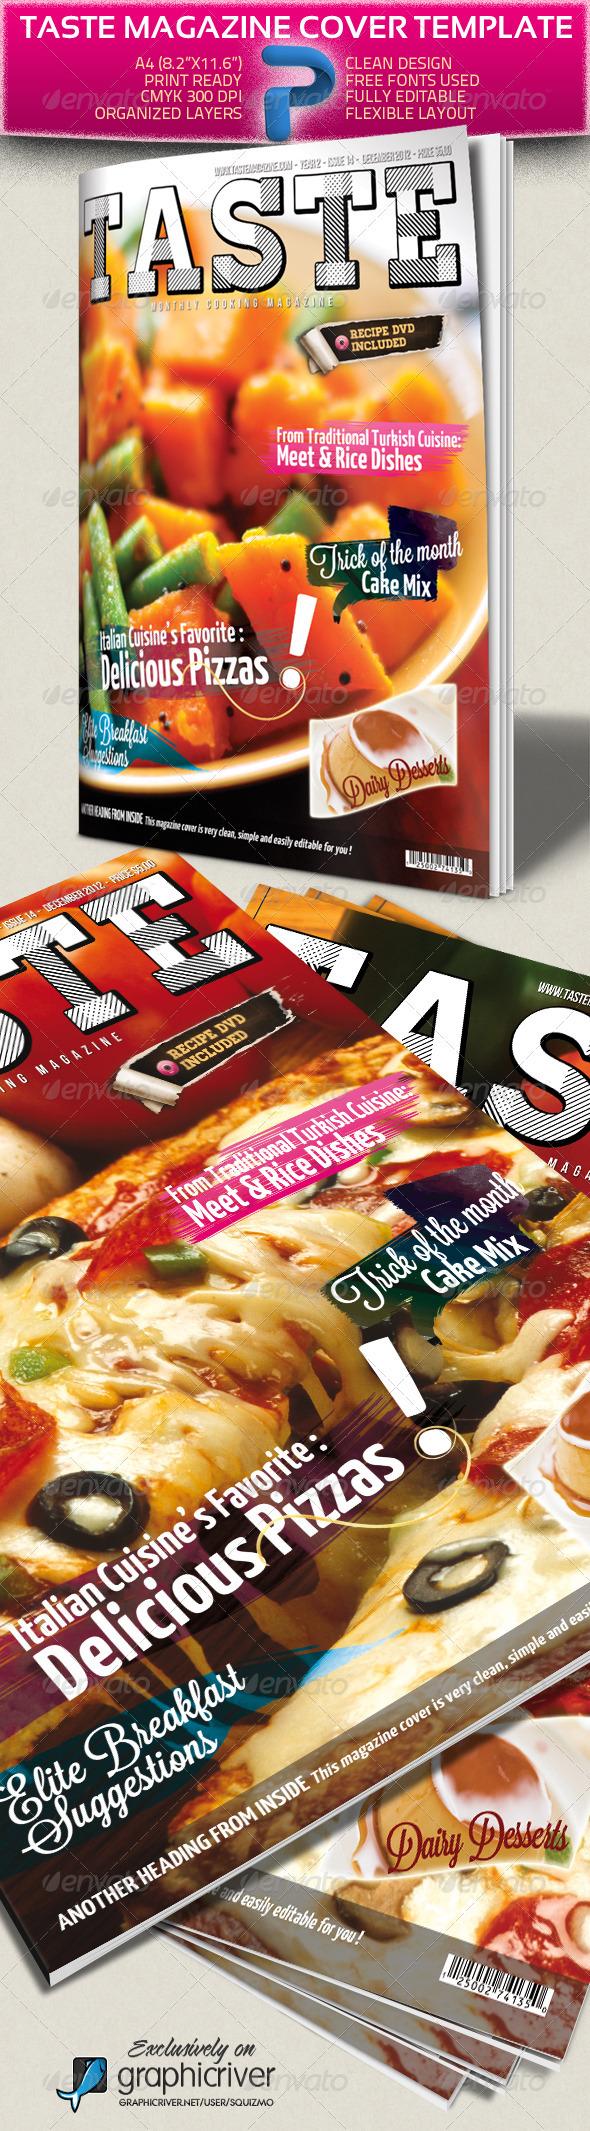 GraphicRiver Taste A4 Magazine Cover Template 1594969